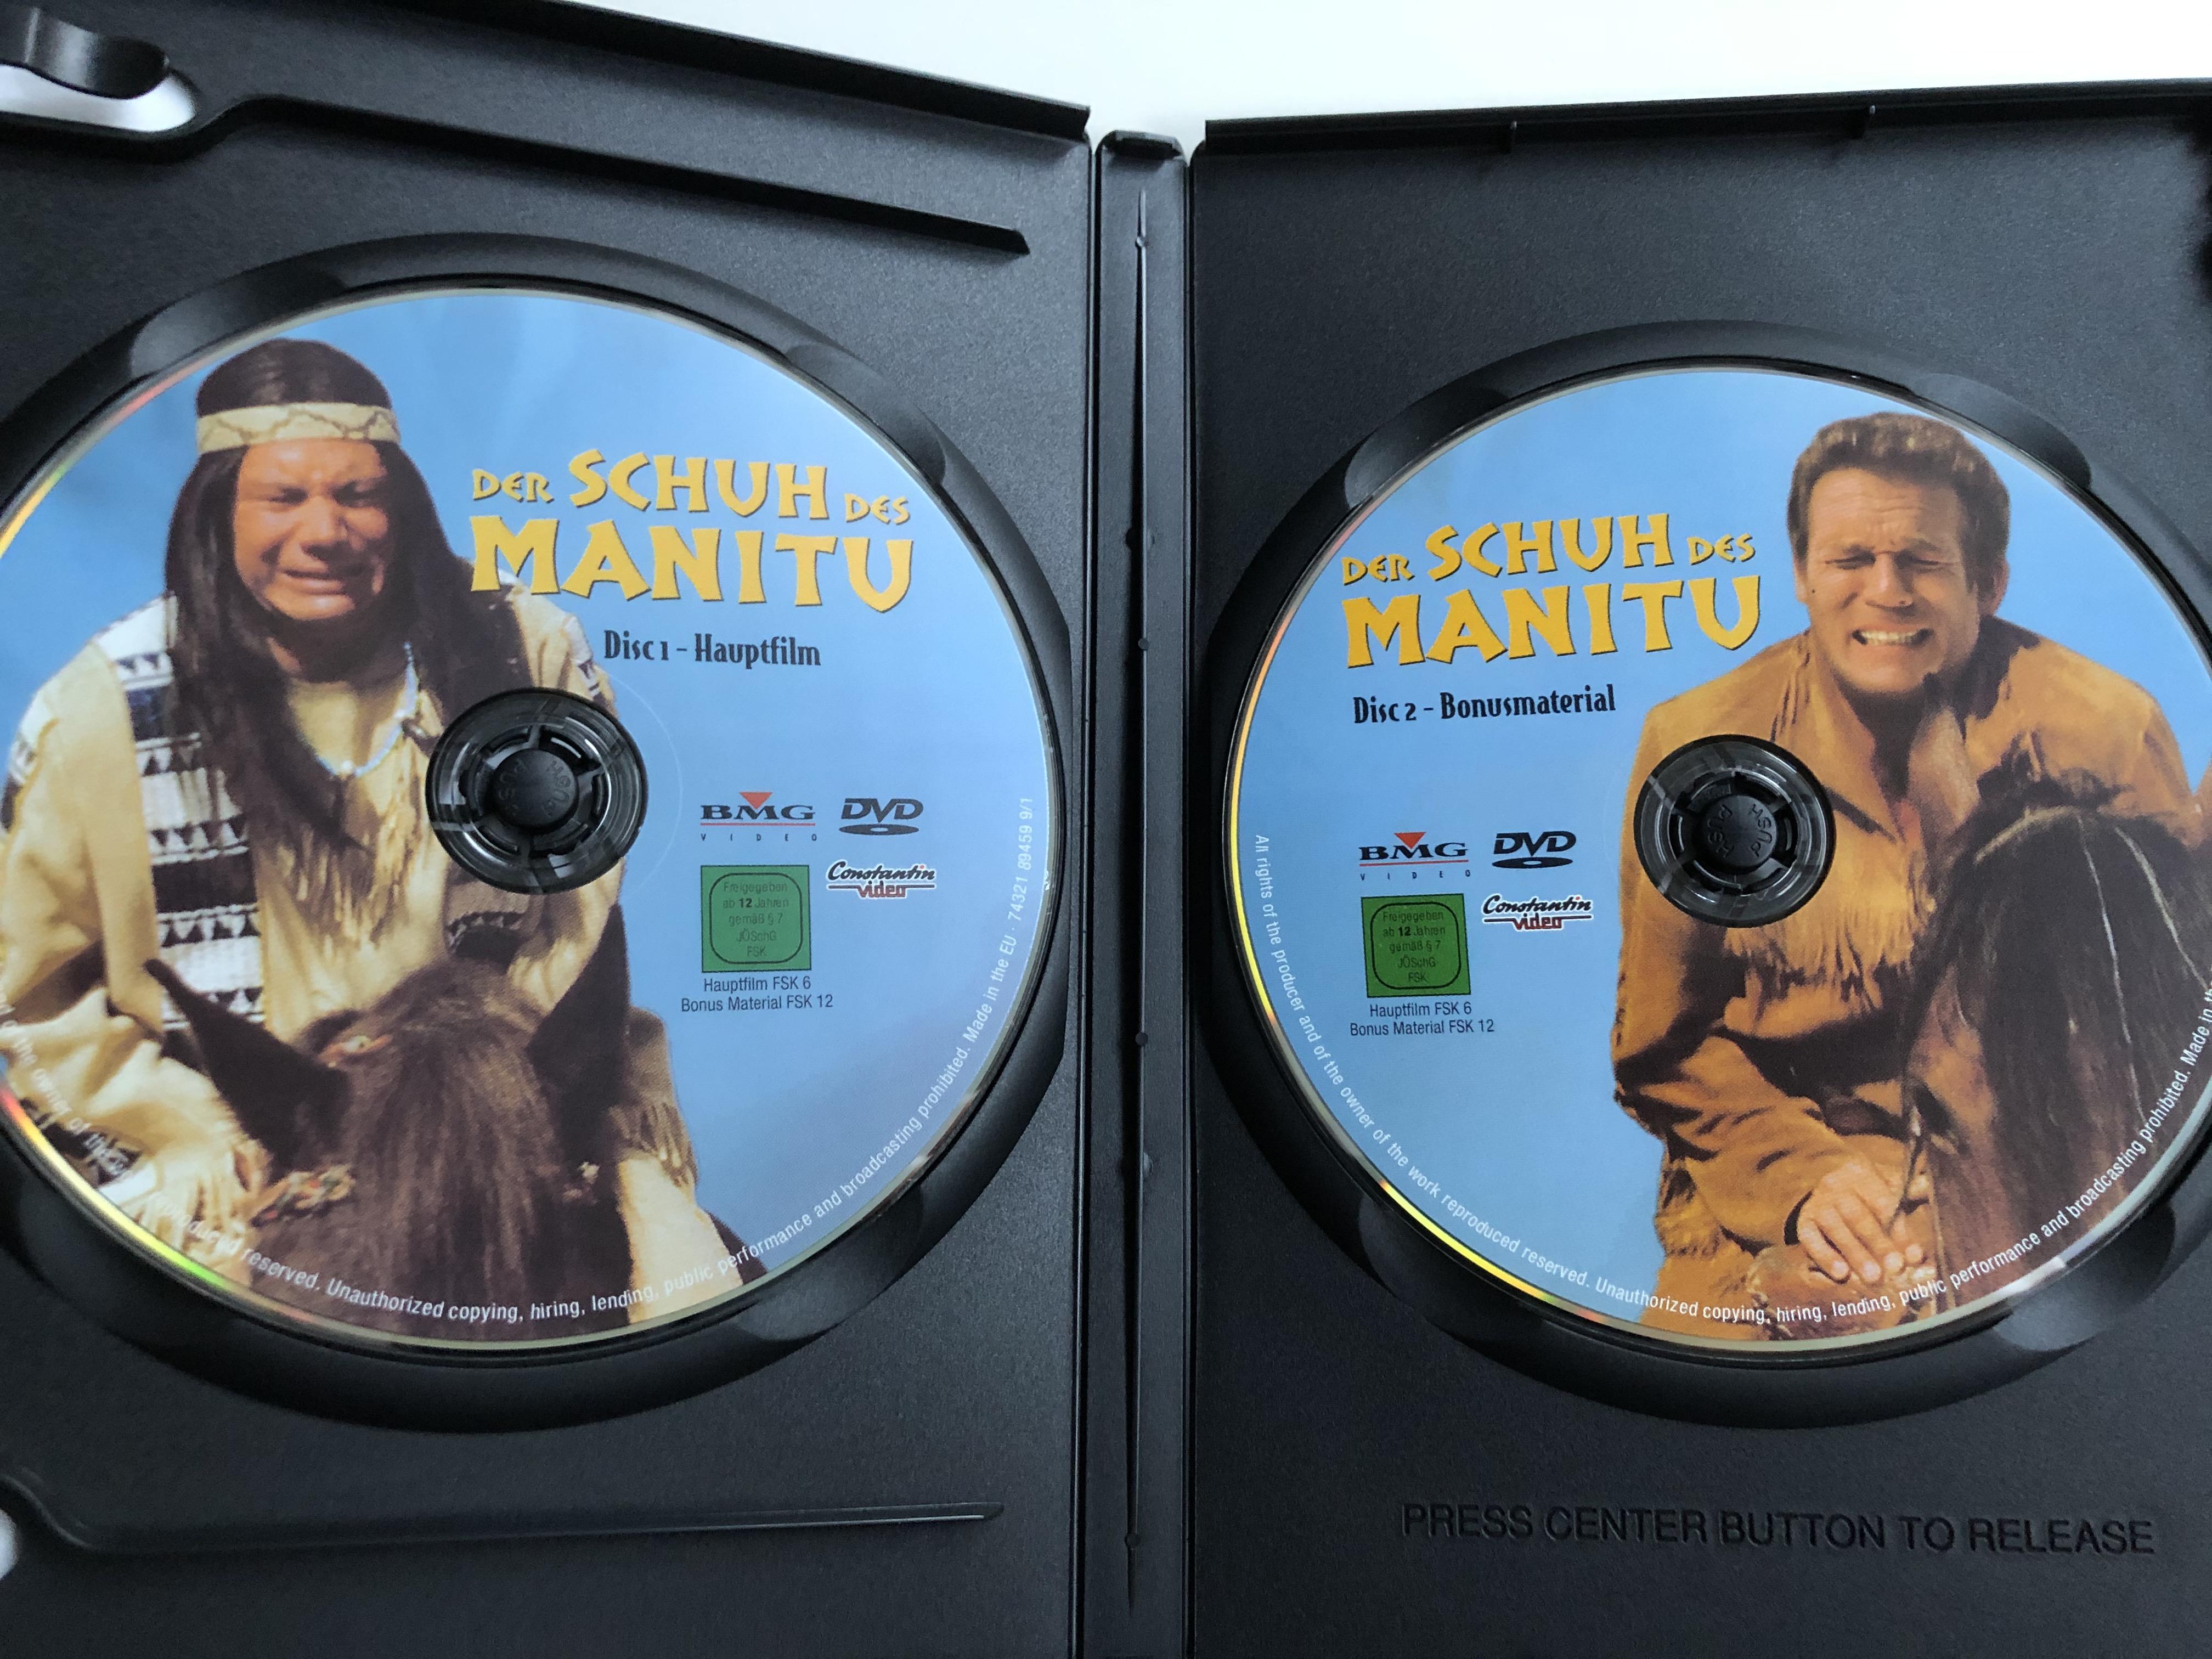 der-schuh-des-manitu-dvd-2001-manitou-s-shoe-2.jpg